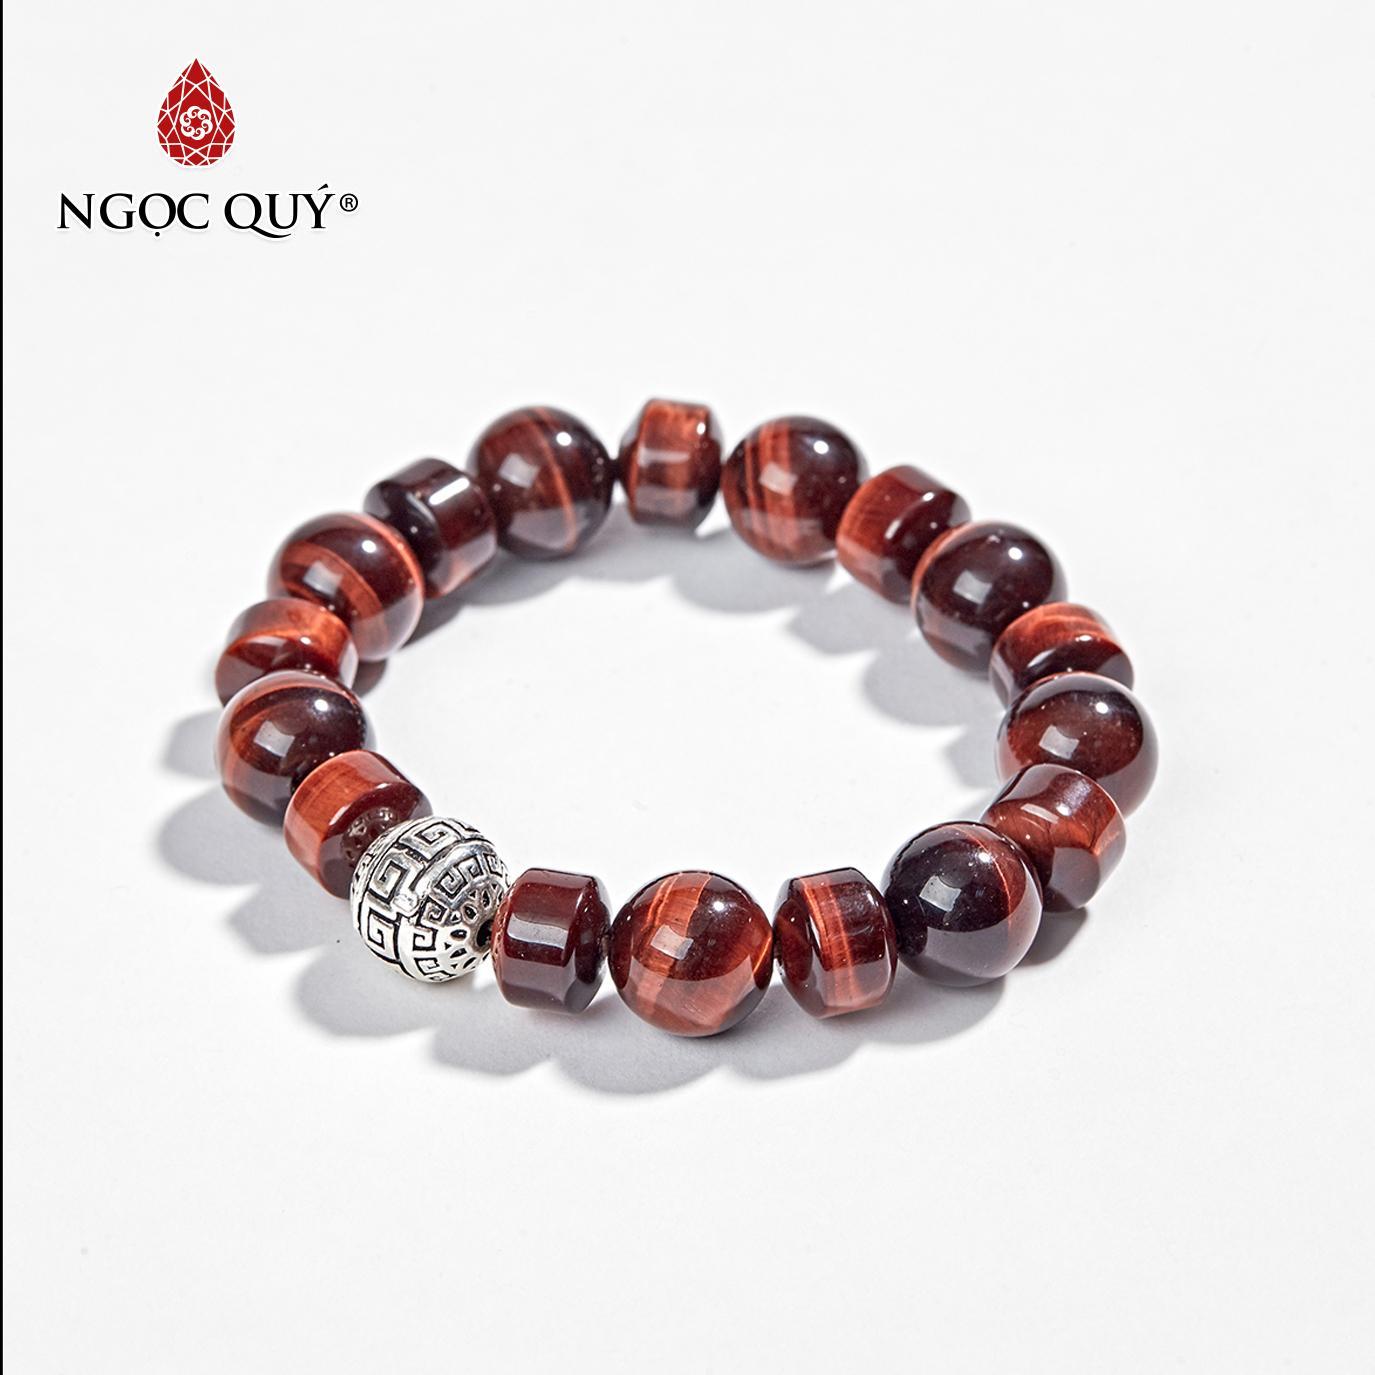 Vòng Tay Phong Thủy Đá Thạch Anh Mắt Hổ Đỏ Viên Trụ 10mm  Mệnh Hỏa , Thổ - Ngọc Quý Gemstones